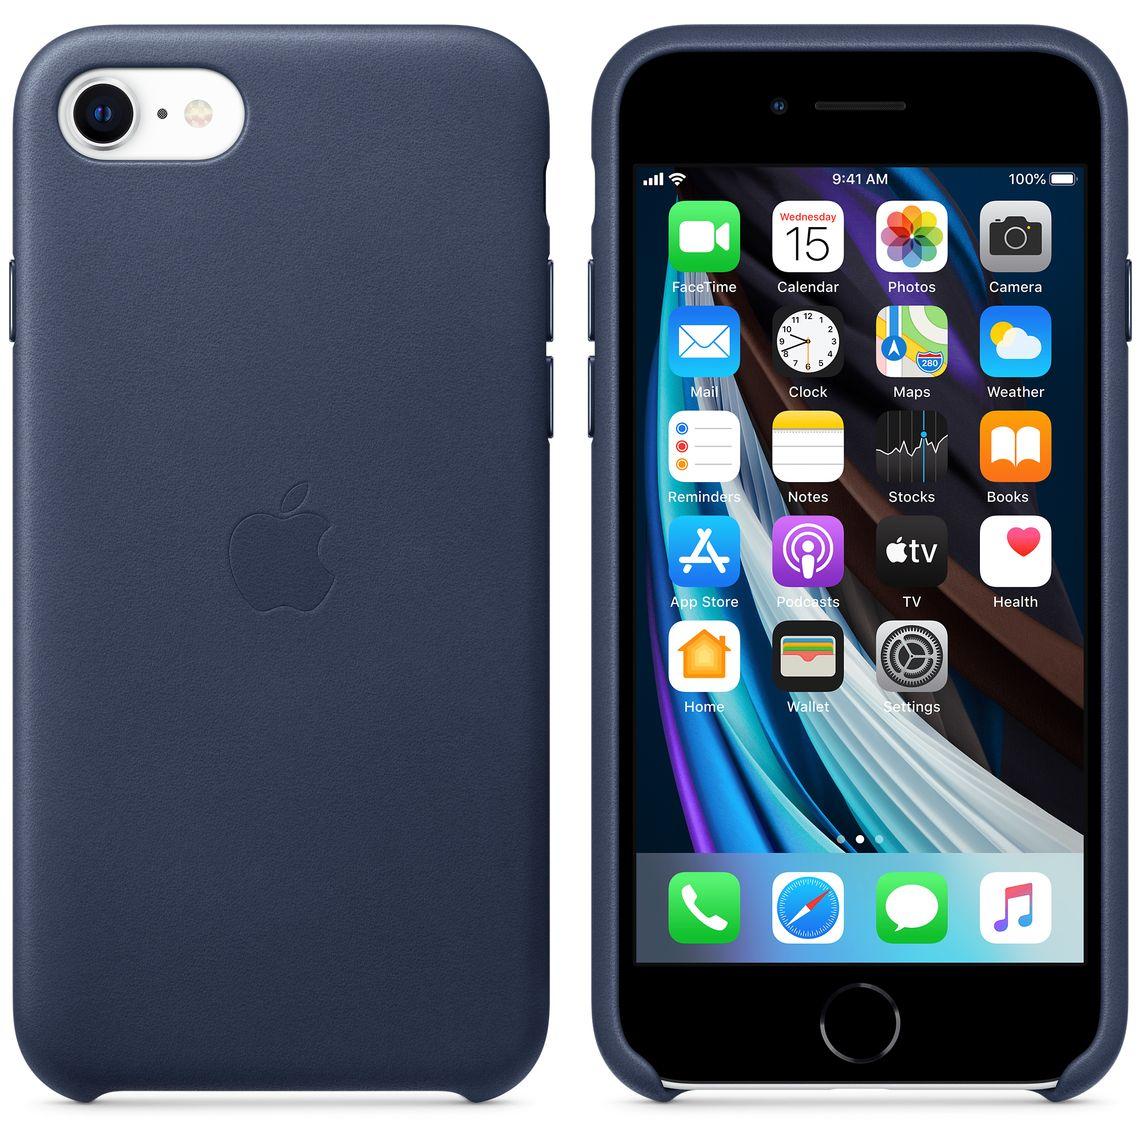 Coque en cuir pour iPhone SE - Bleu nuit